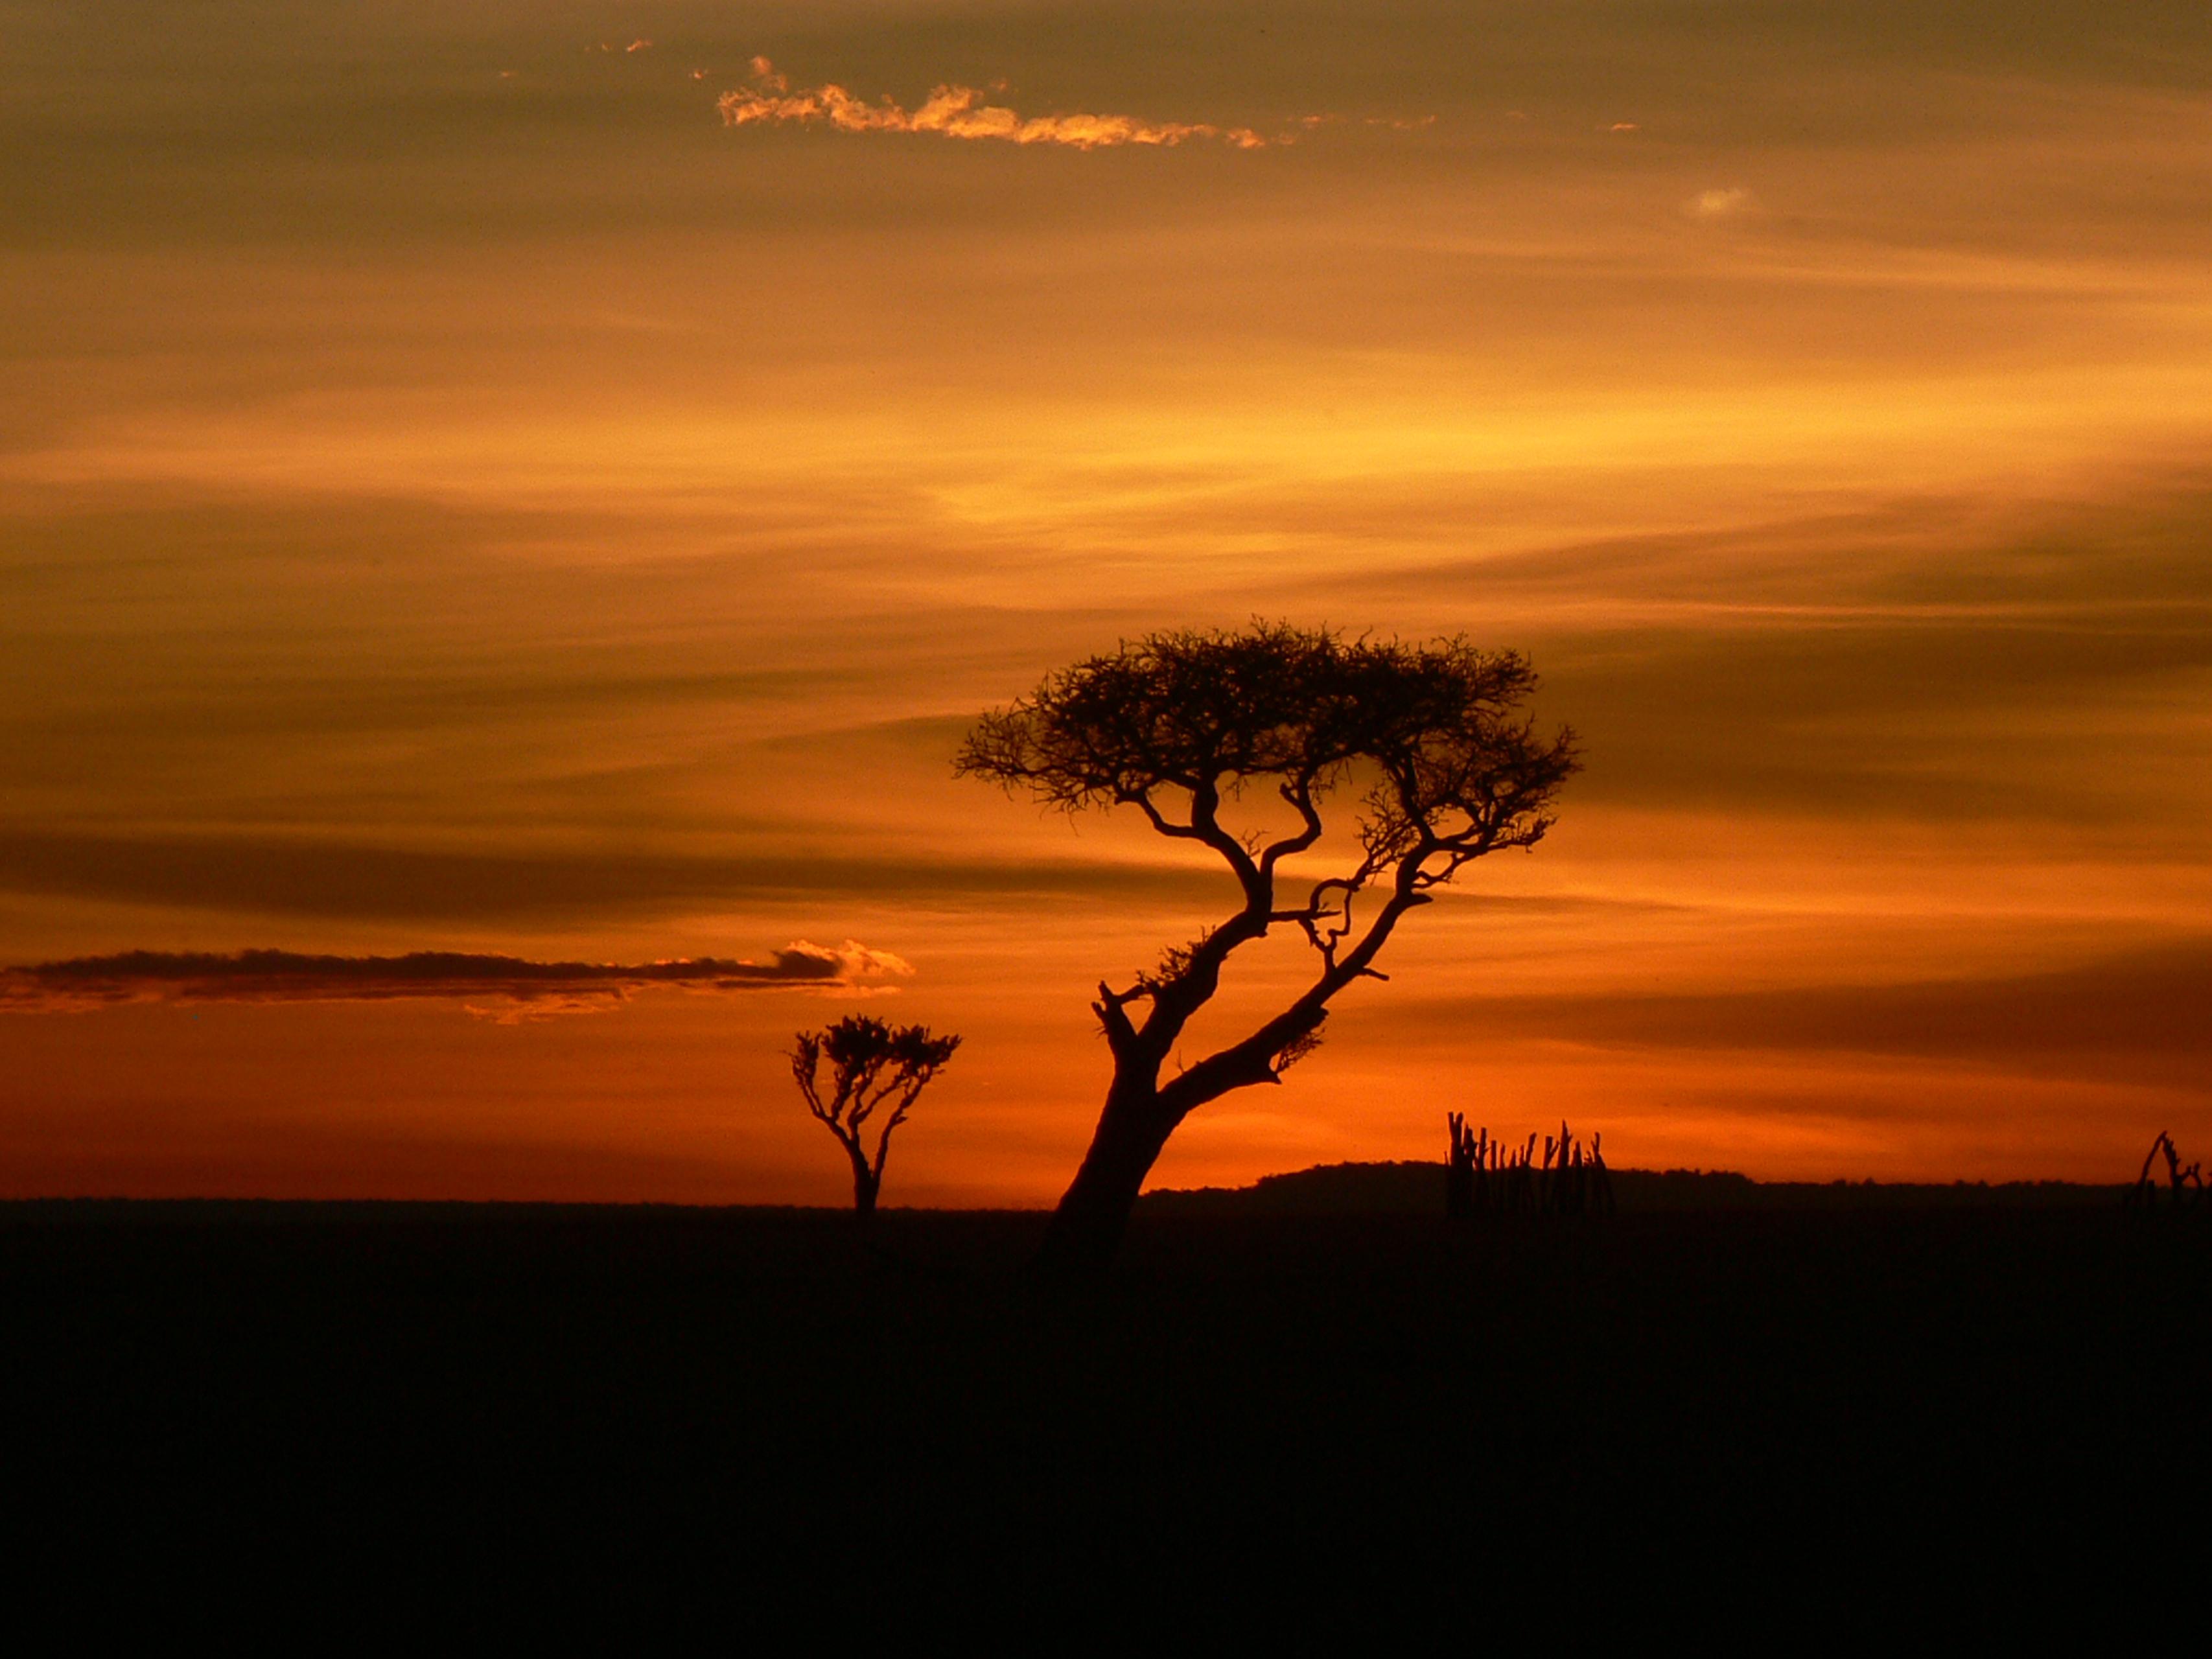 Kenya, Mahali Mzuri